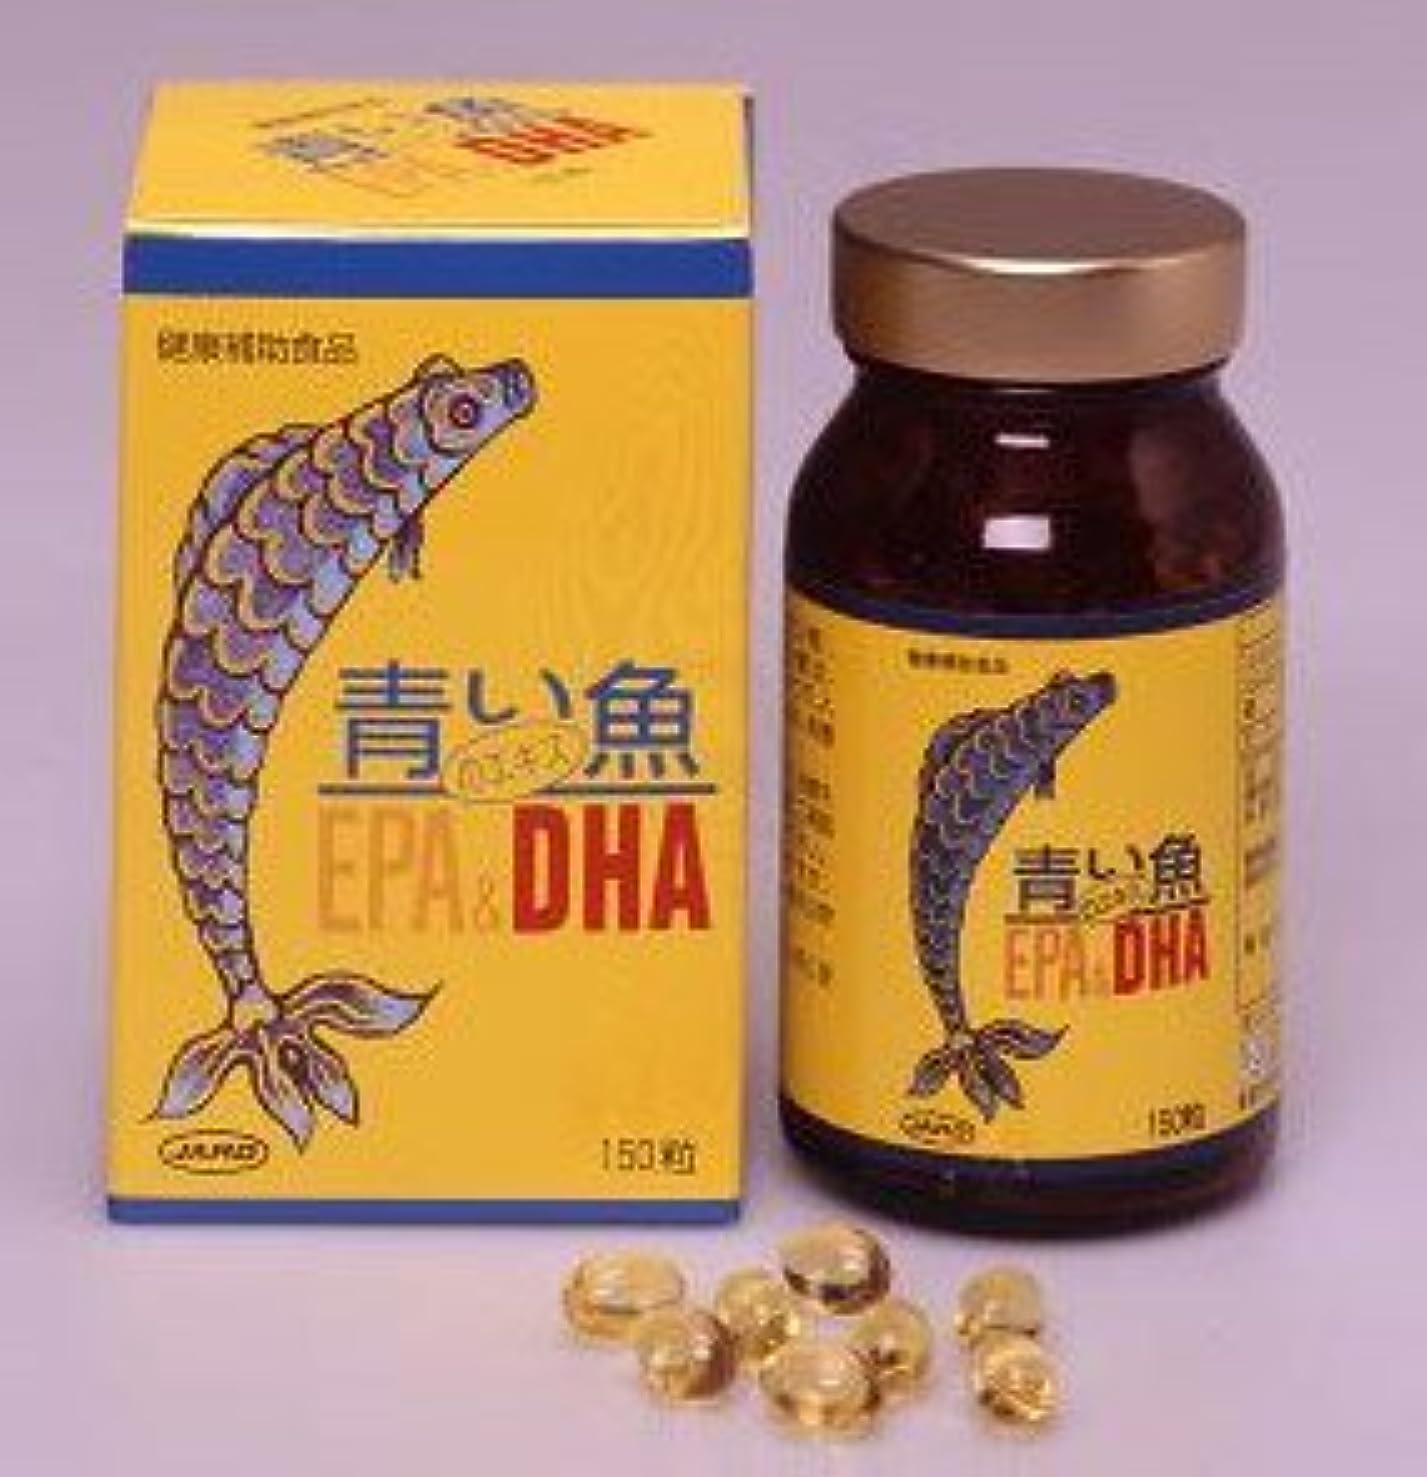 配置ネズミ願う青い魚のエキスEPA&DHA(単品)ジャード